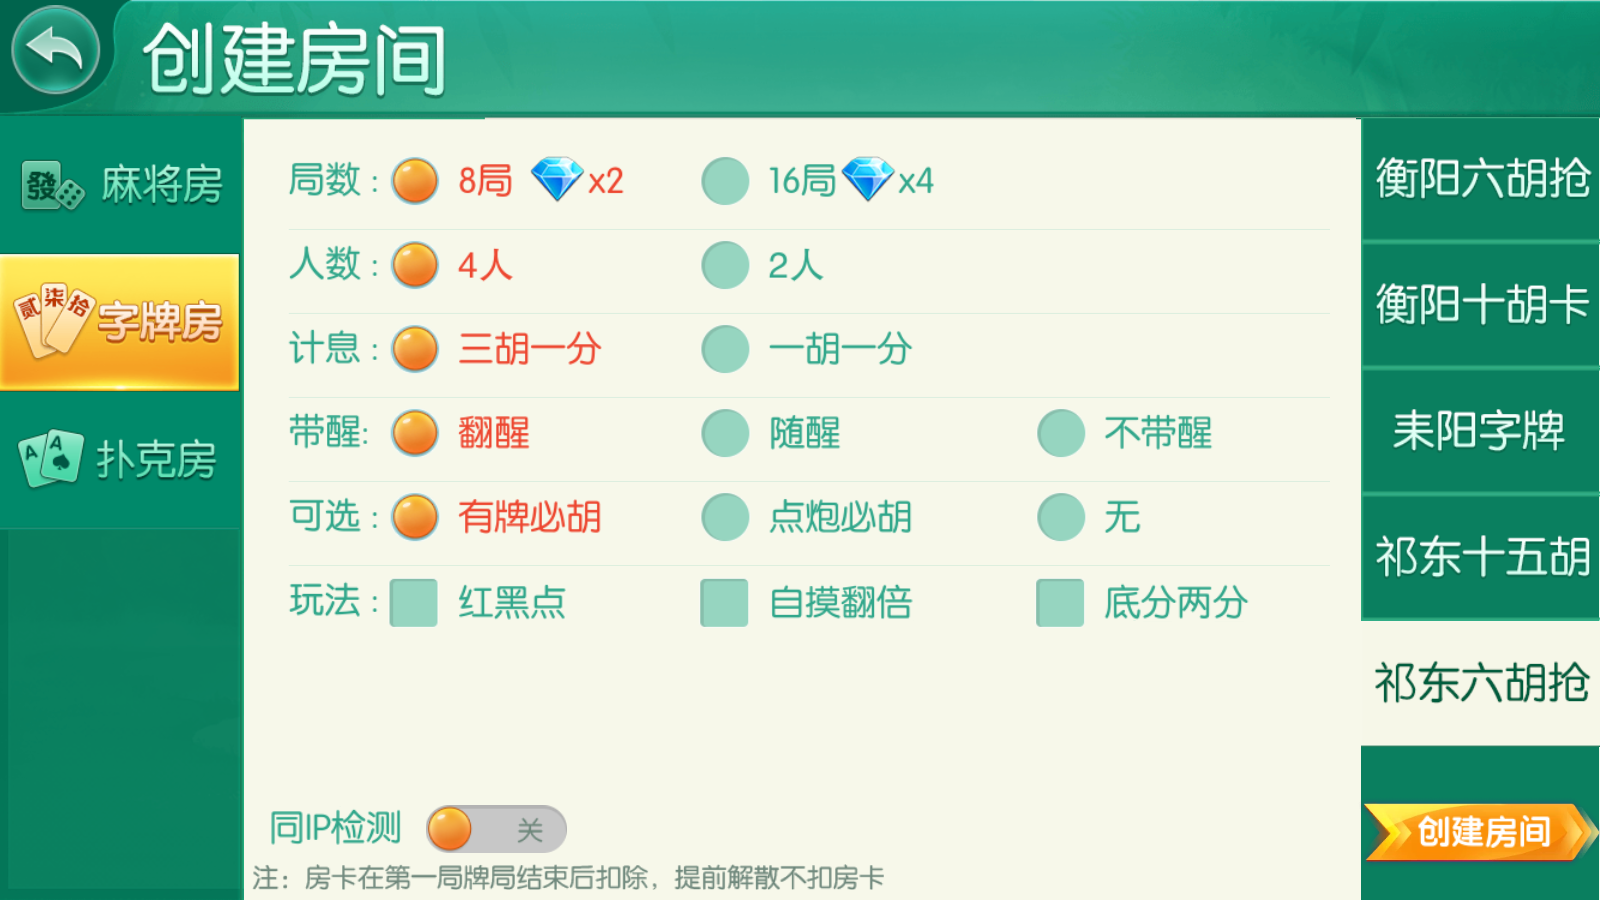 网狐二开跑胡子合集 麻将游戏 字牌游戏 扑克游戏 完整整理-第18张